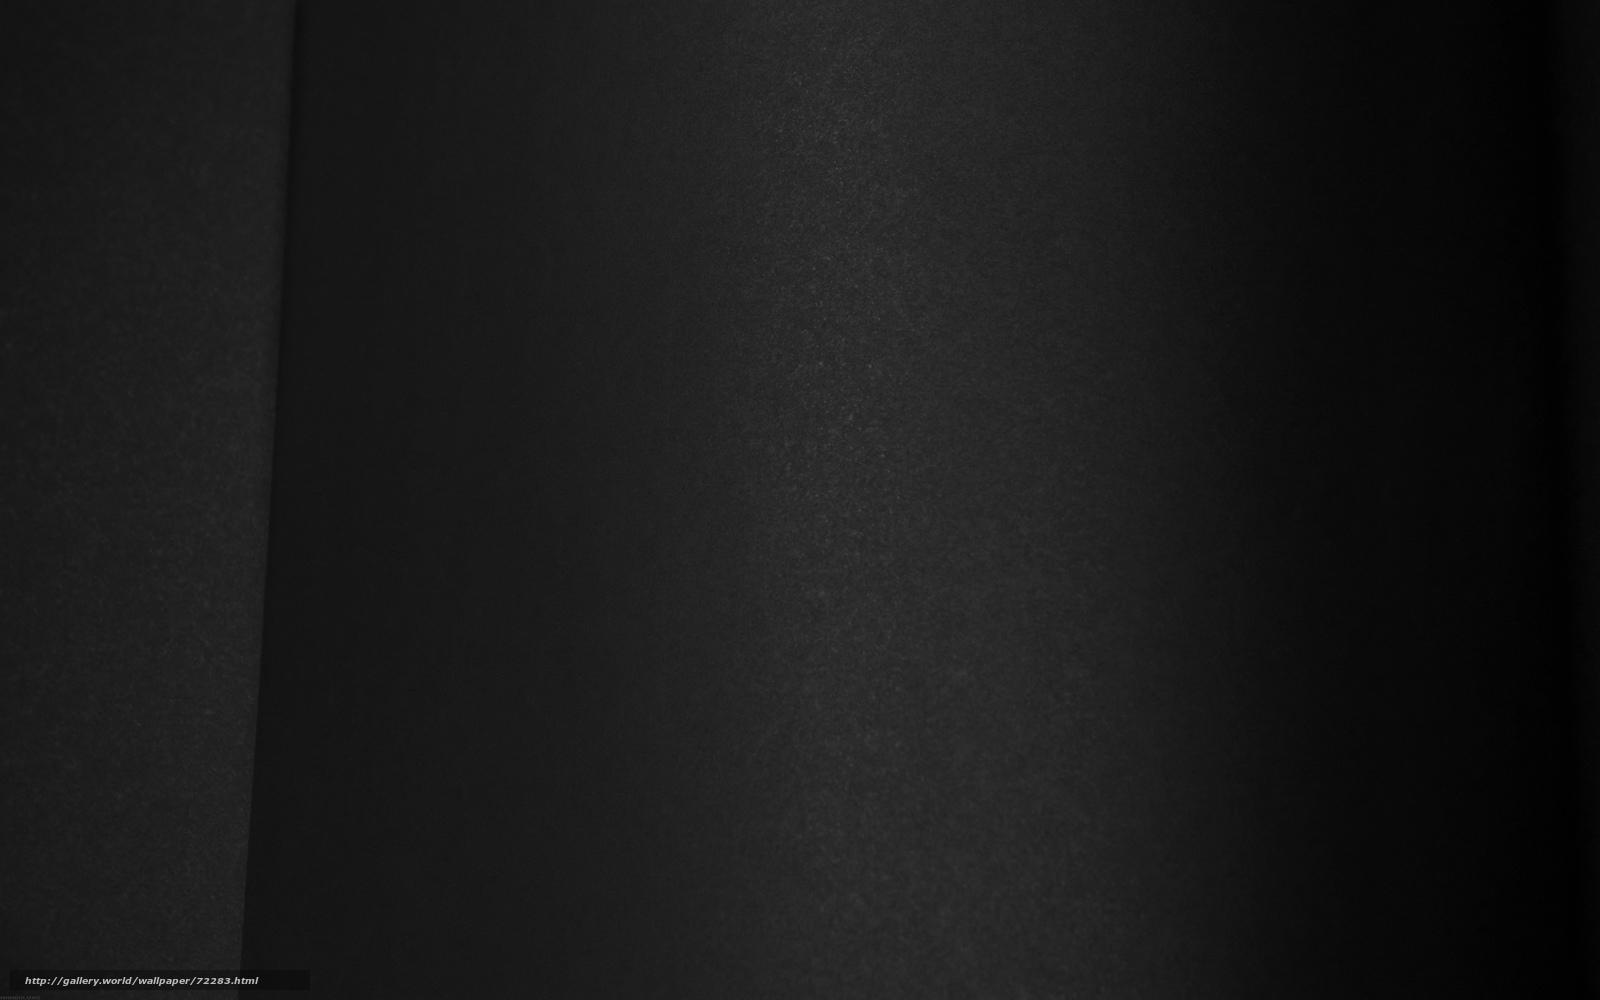 tlcharger fond d 39 ecran coin de mur noir texture fond fonds d 39 ecran gratuits pour votre. Black Bedroom Furniture Sets. Home Design Ideas